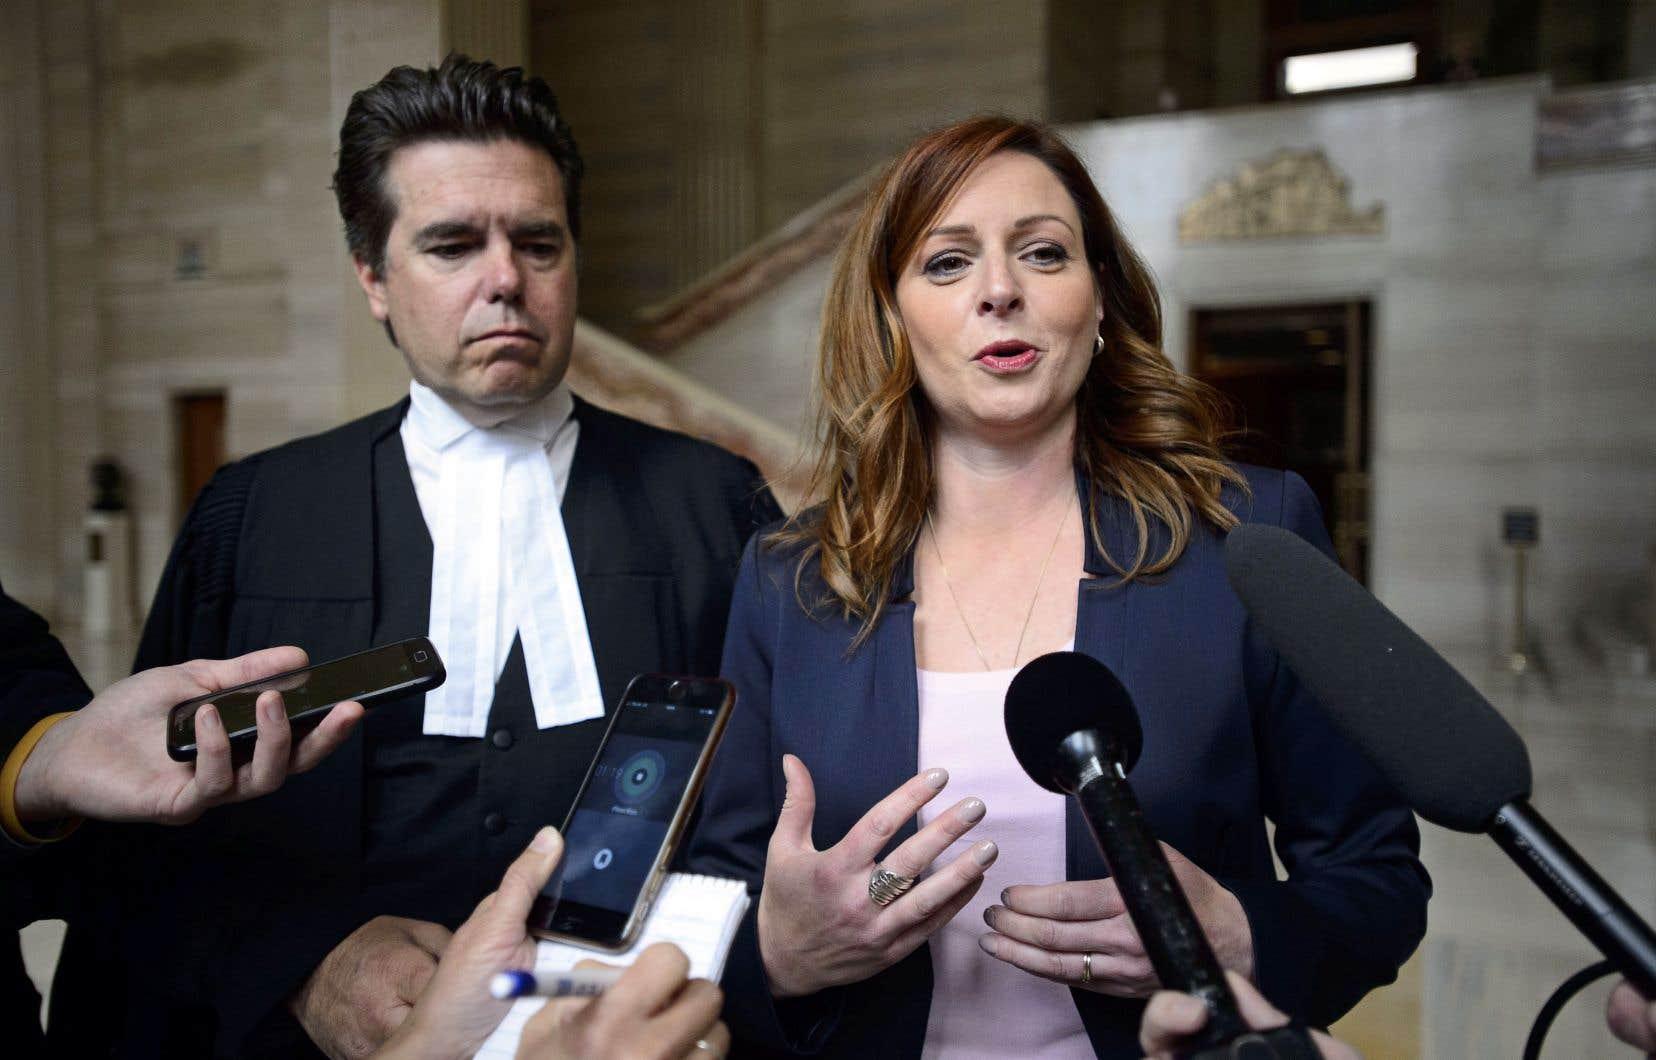 La journaliste Marie-Maude Denis s'est réjouie vendredi de la décision de la Cour suprême sur la protection des sources journalistiques.